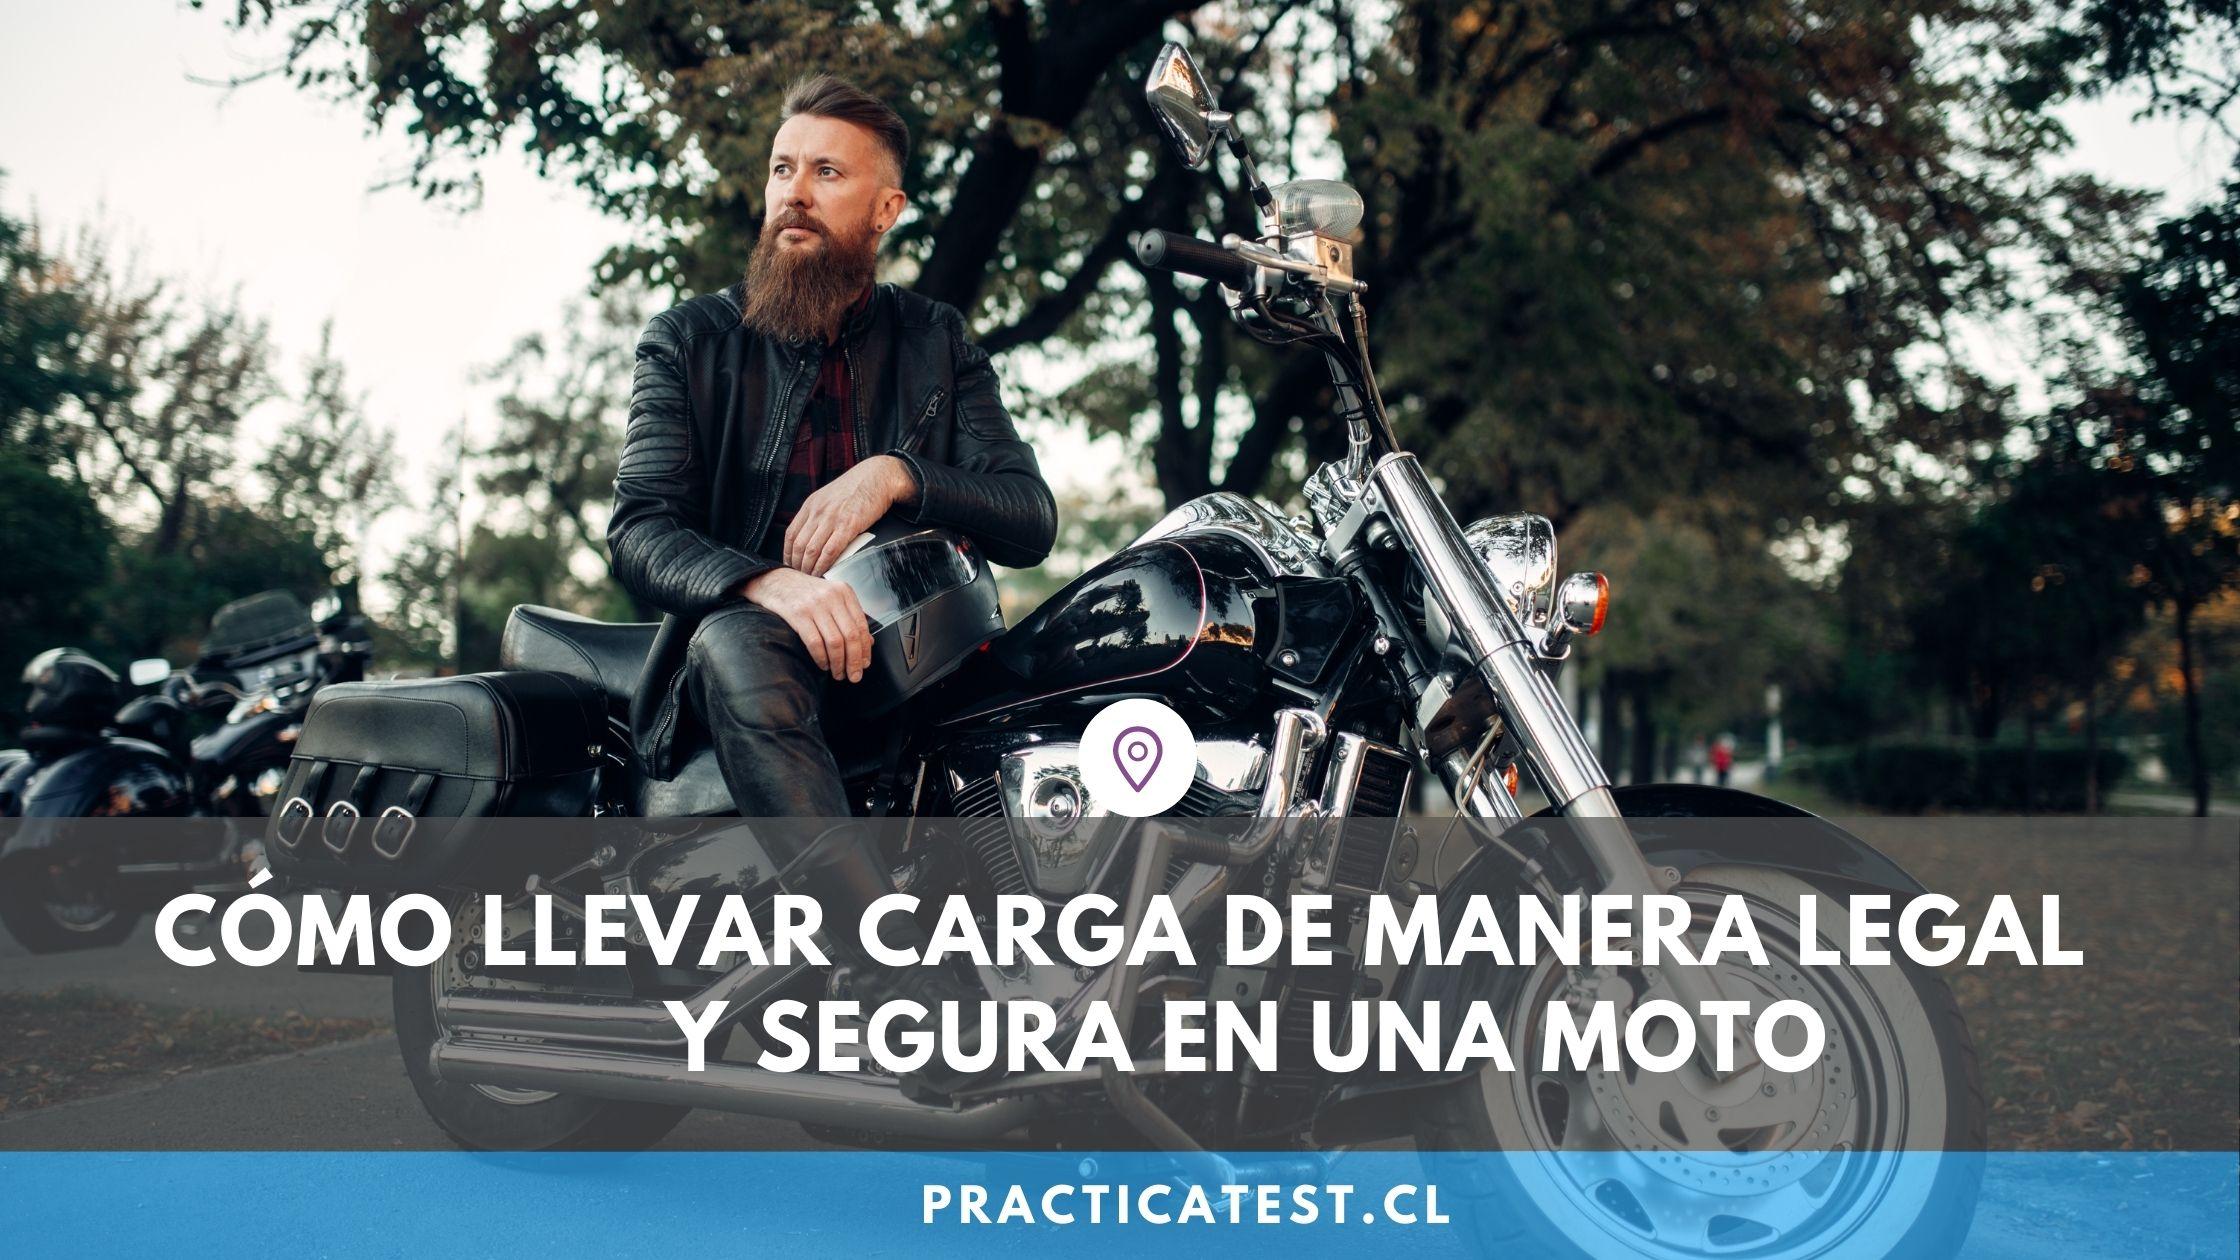 Cómo colocar la carga que llevo en la motocicleta y normativa de seguridad